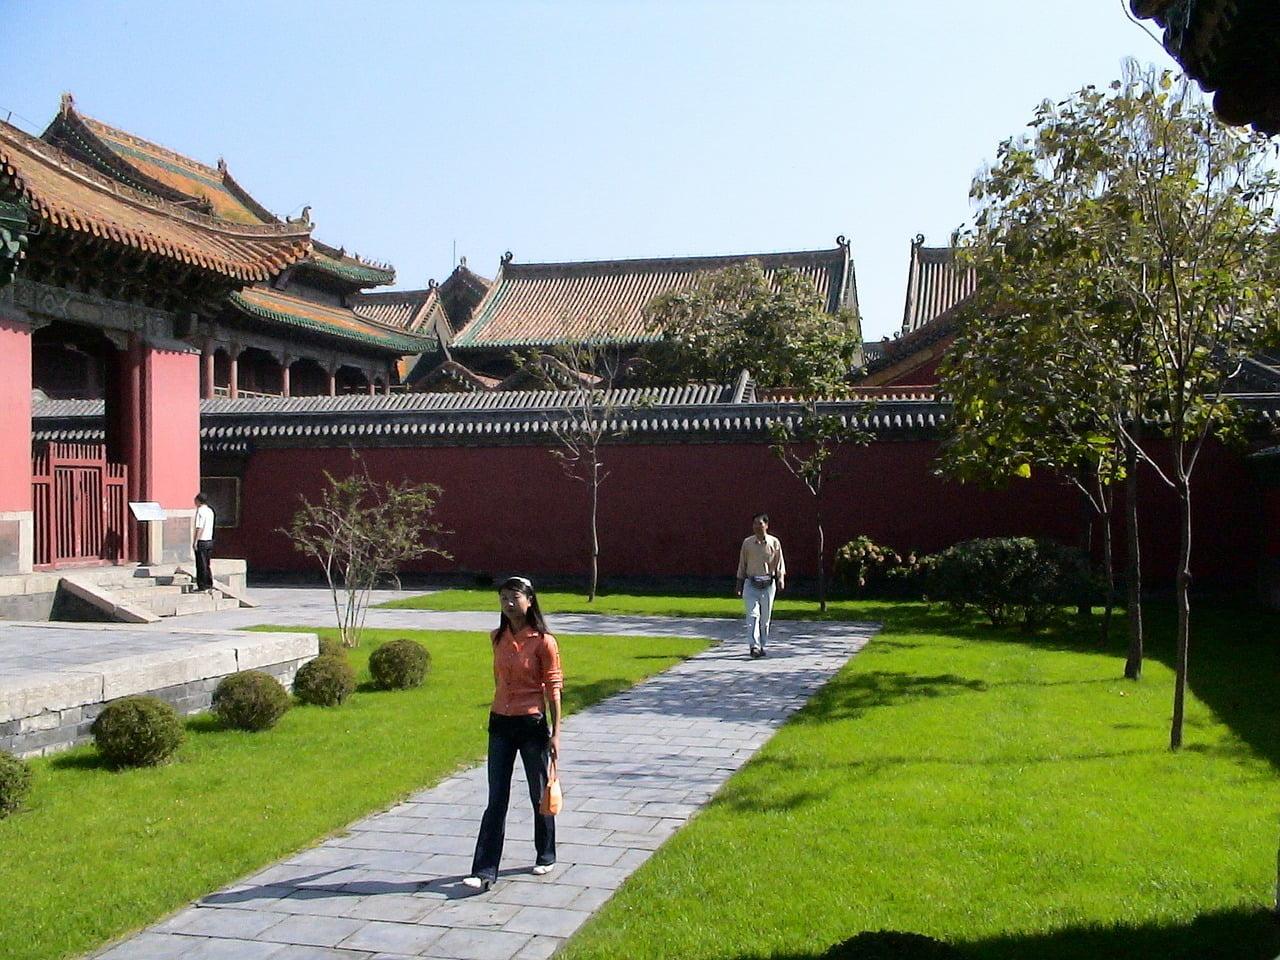 Shenyang Liaoning Tiongkok - 186